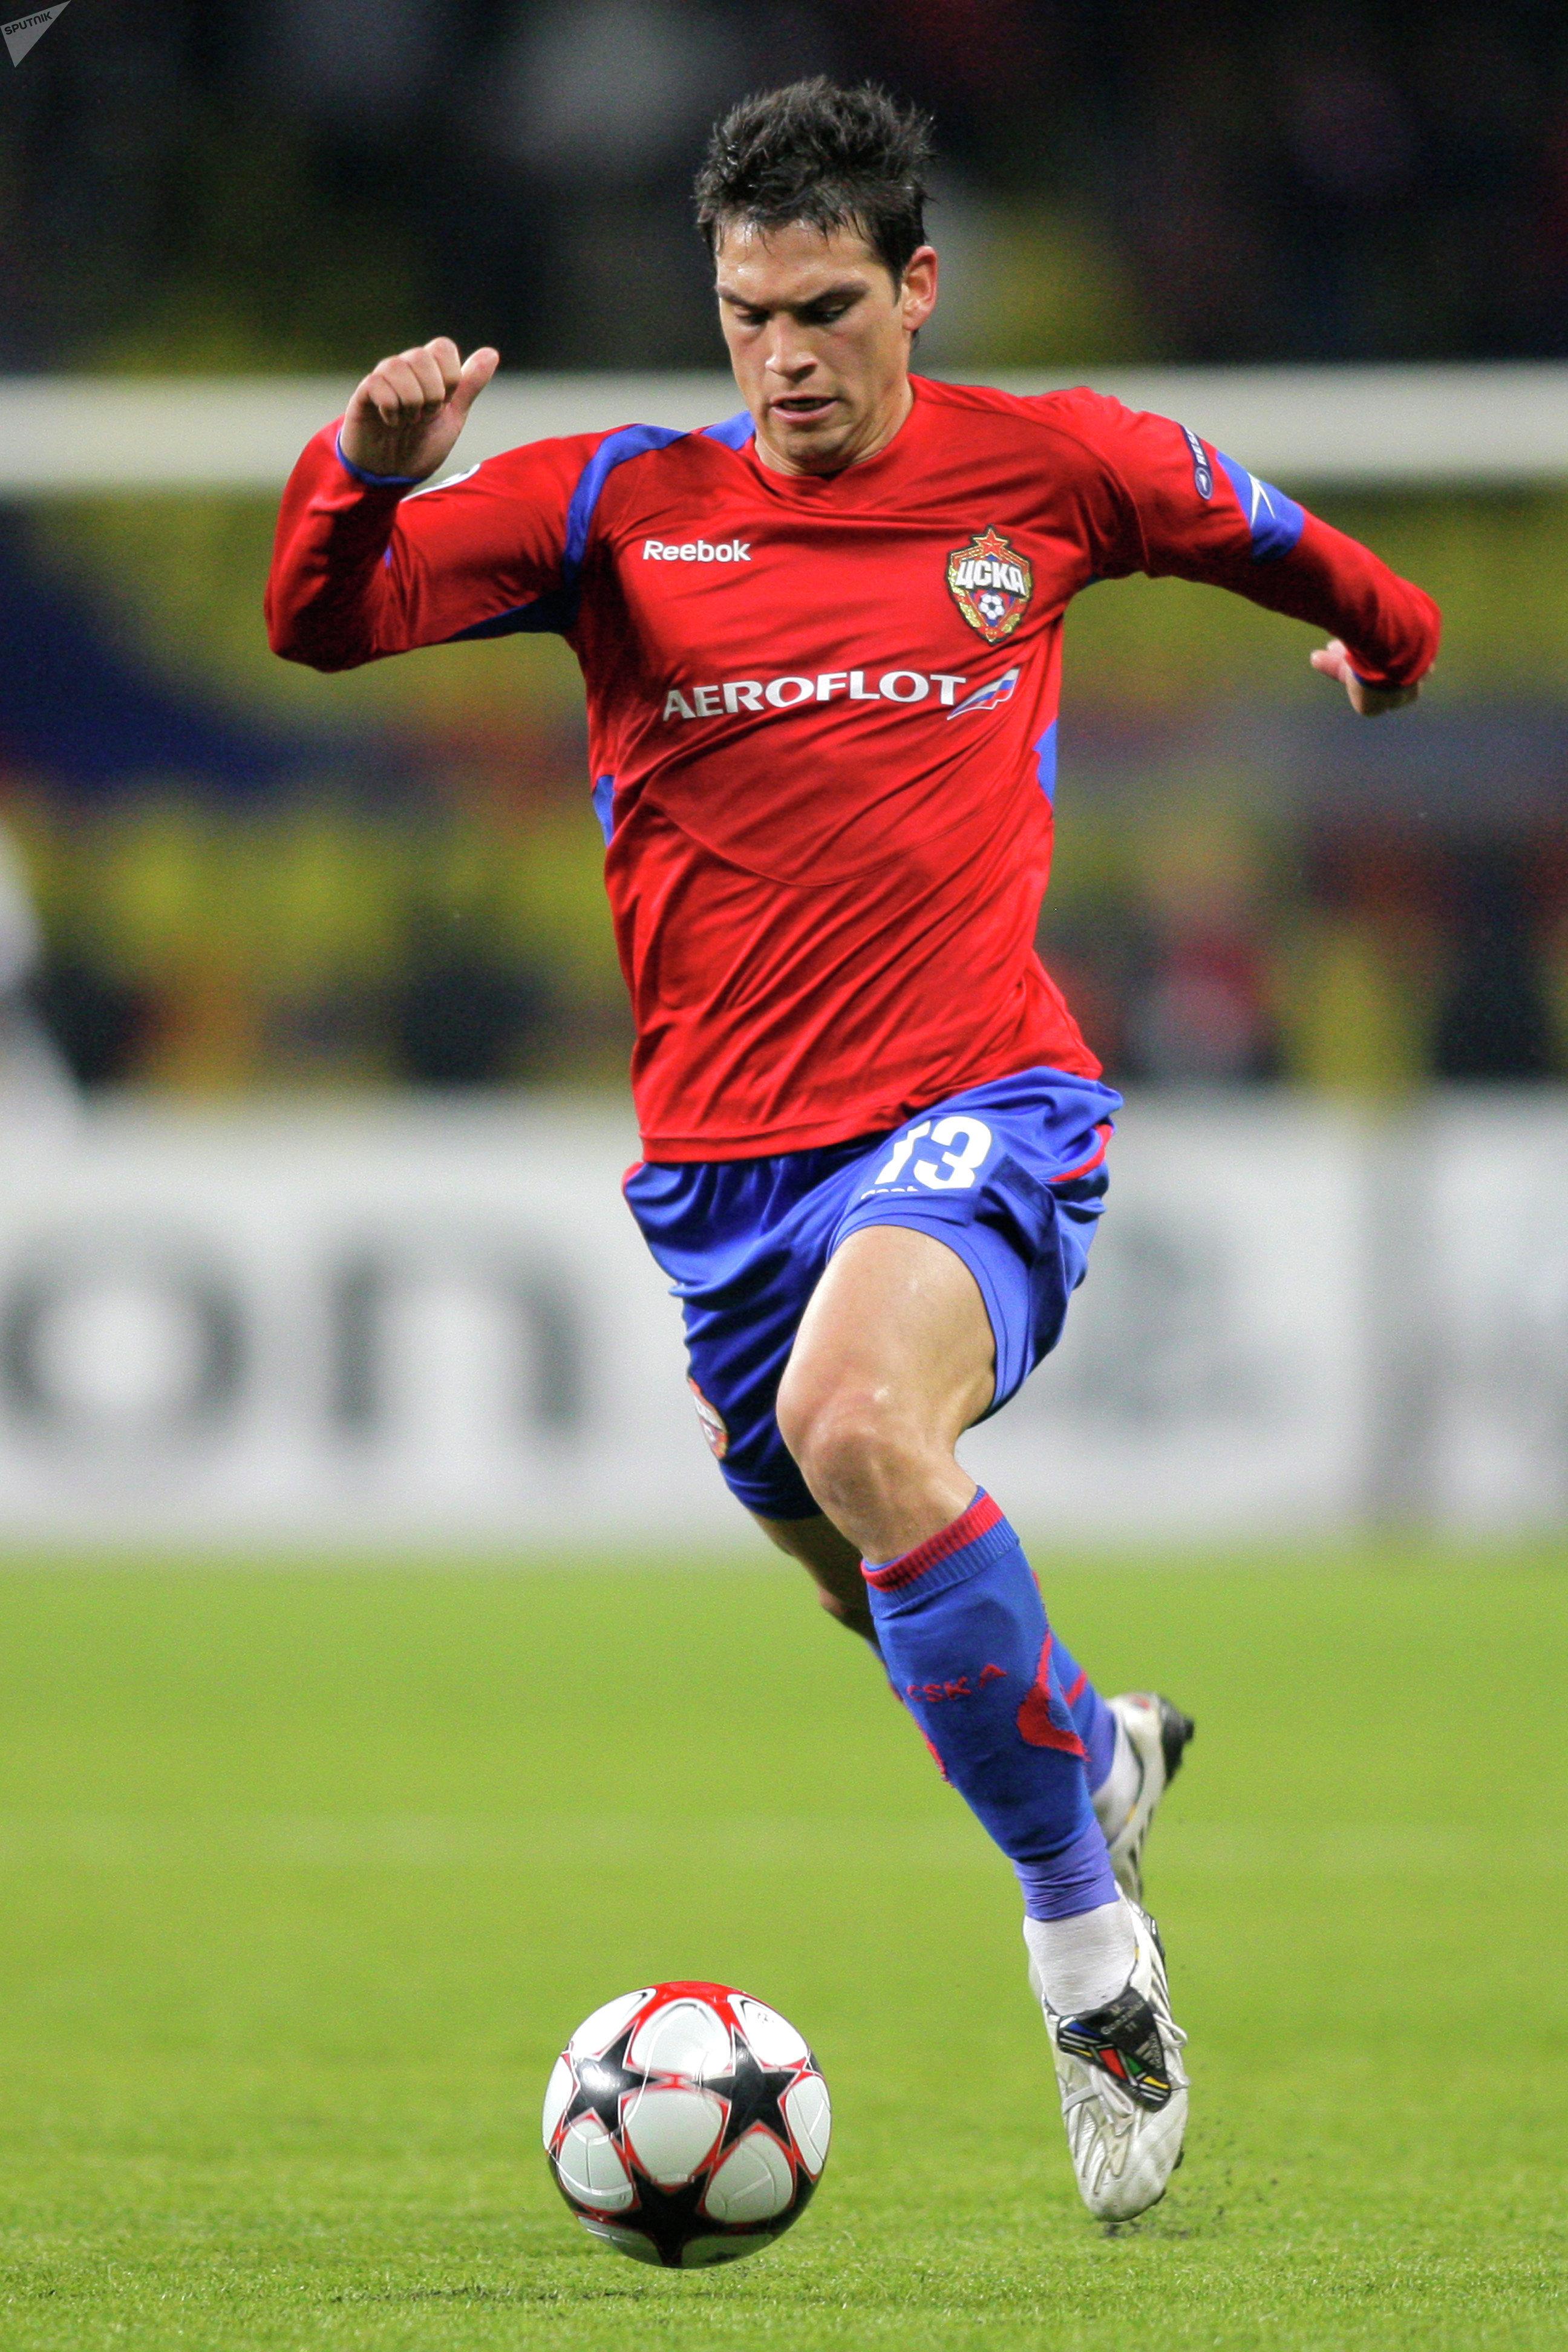 Mark González juega un partido con el PFC CSKA de Moscú contra el Beşiktaş Istanbul de Turquía en 2009